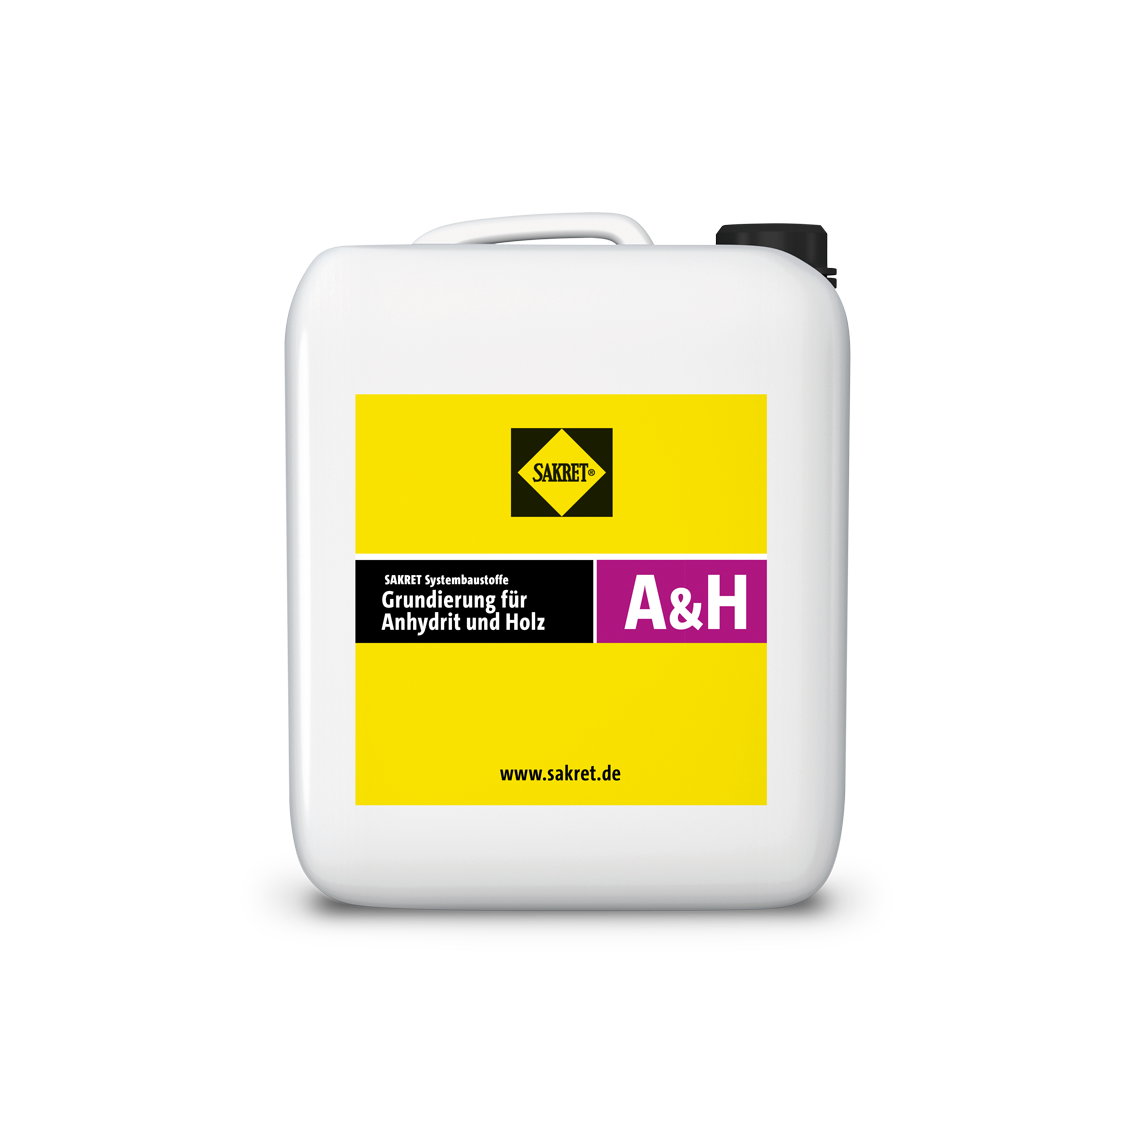 Abbildung SAKRET ProduktbildGrundierung A&H